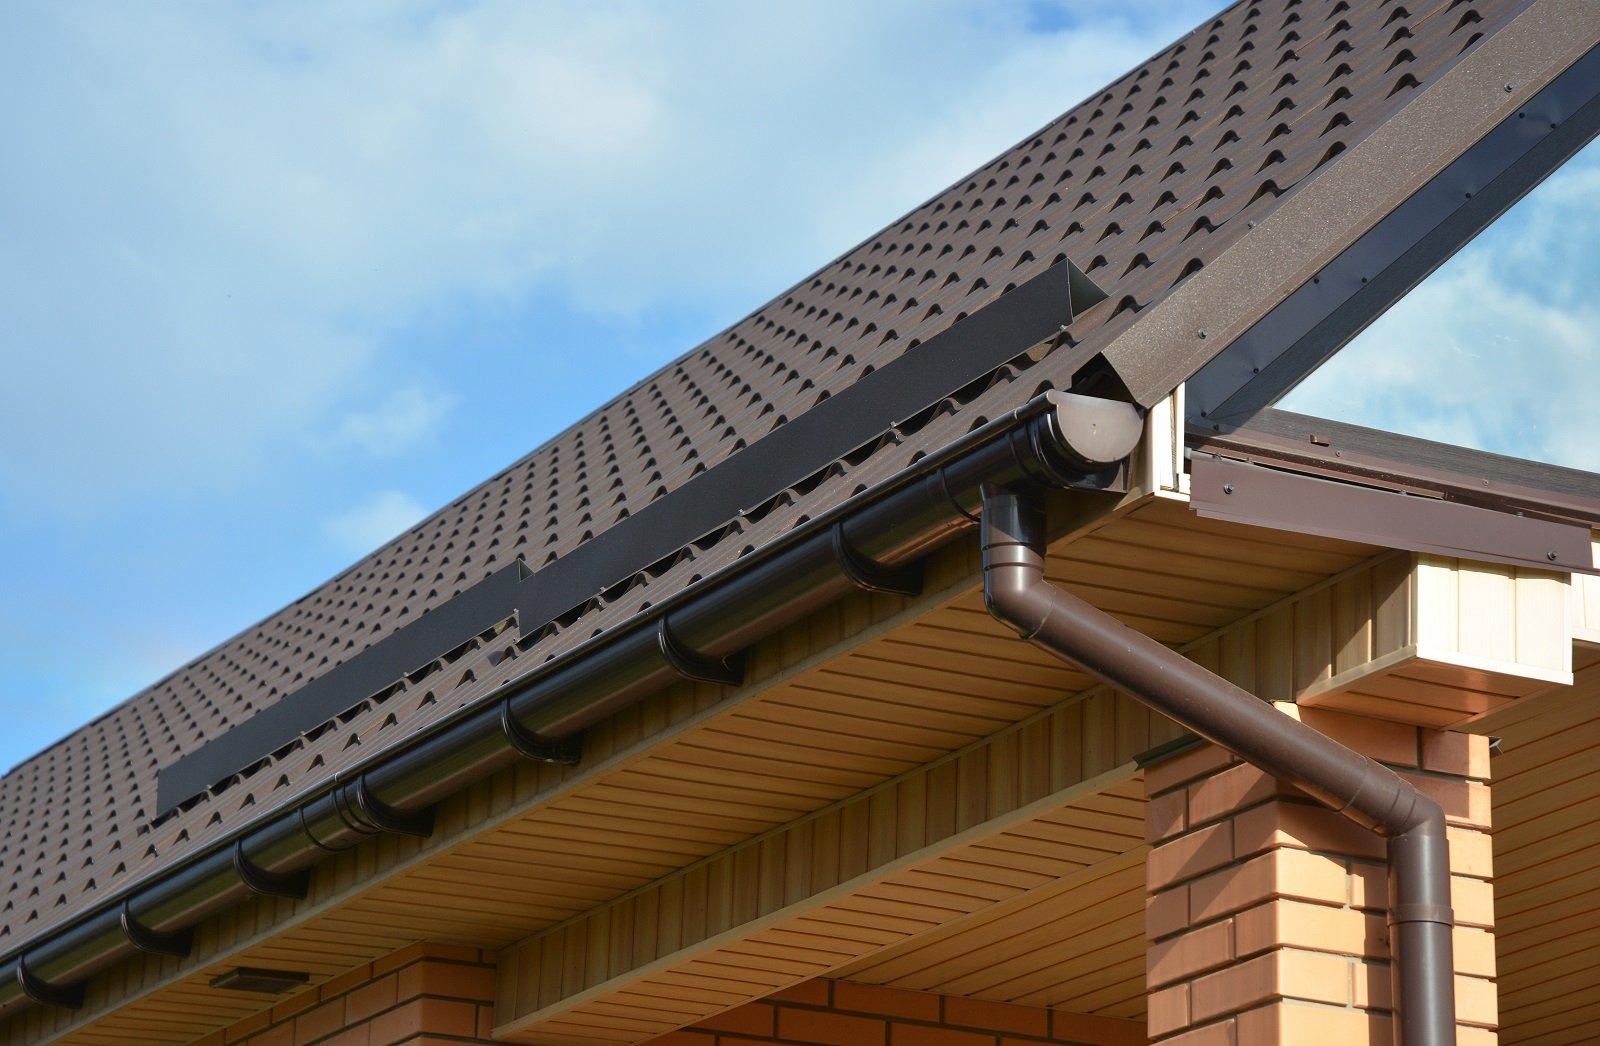 Copertura di tetto e grondaia